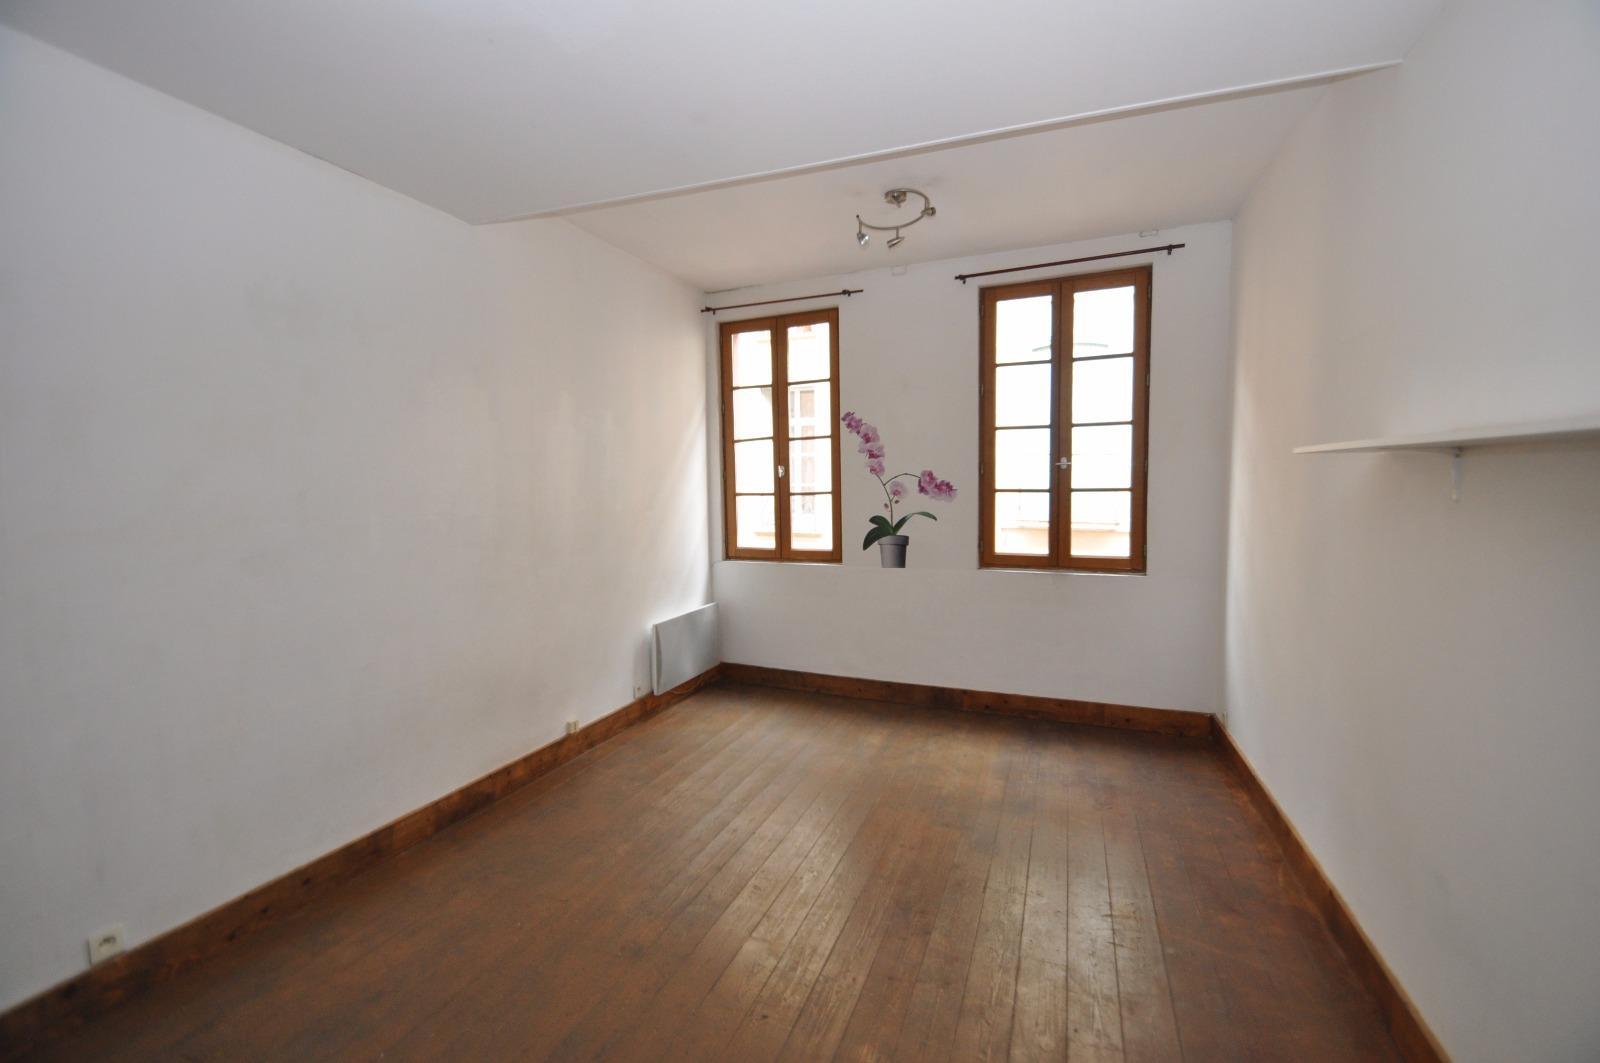 Location appartement perpignan centre ville 2 pi ce de for Location appartement atypique perpignan